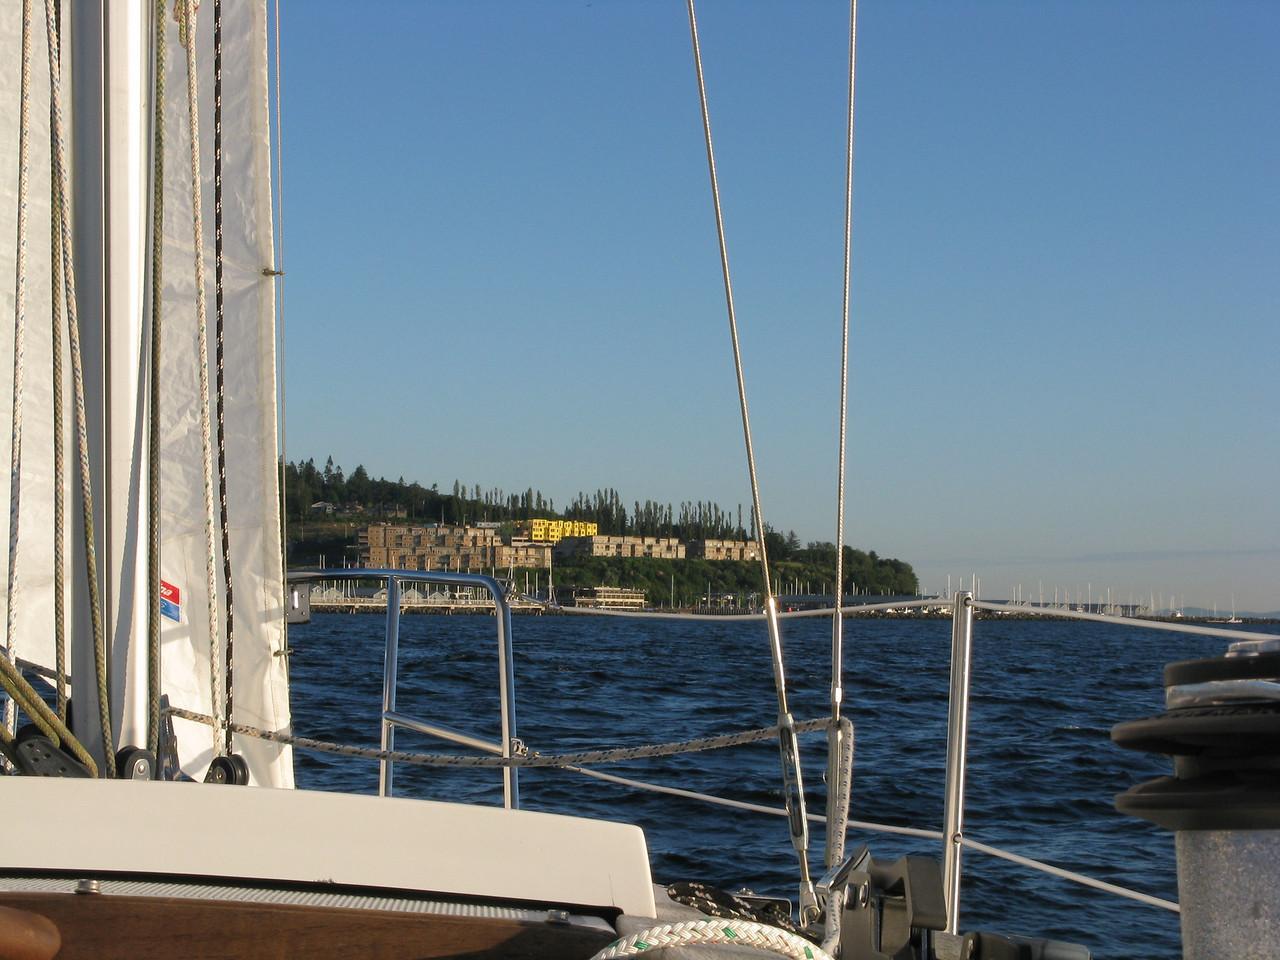 10-06-26 Sail 024